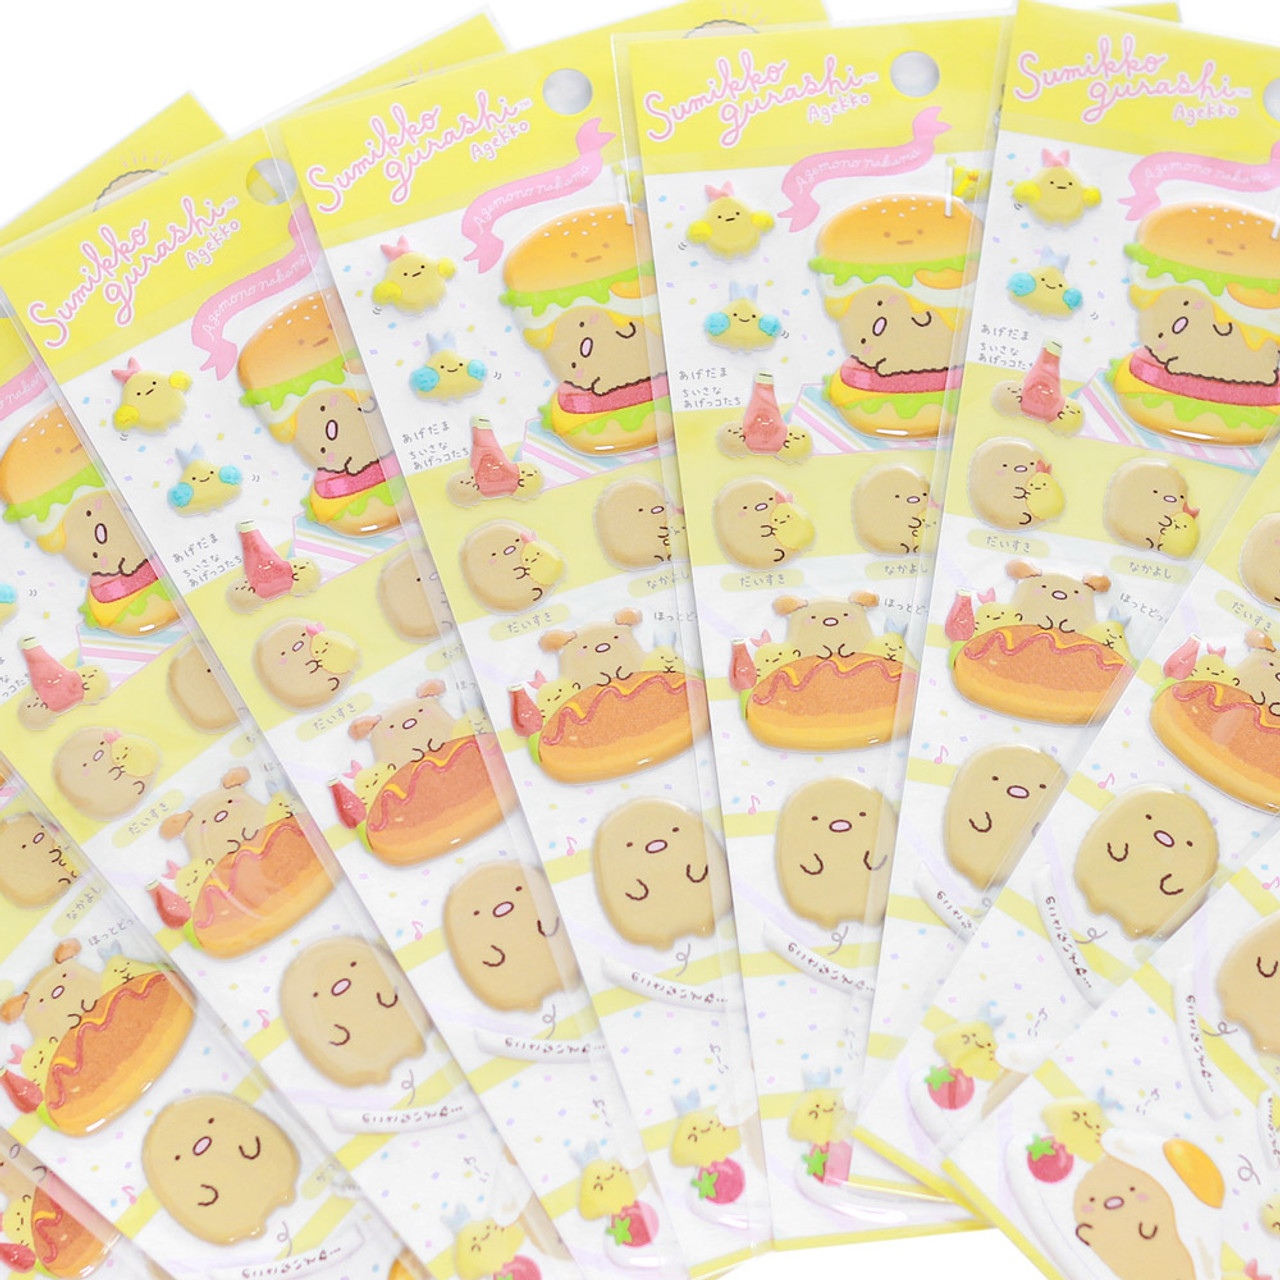 Sumikko Gurashi Funny Collection Sticker SE46501 - Eat ( Close-up 02 )